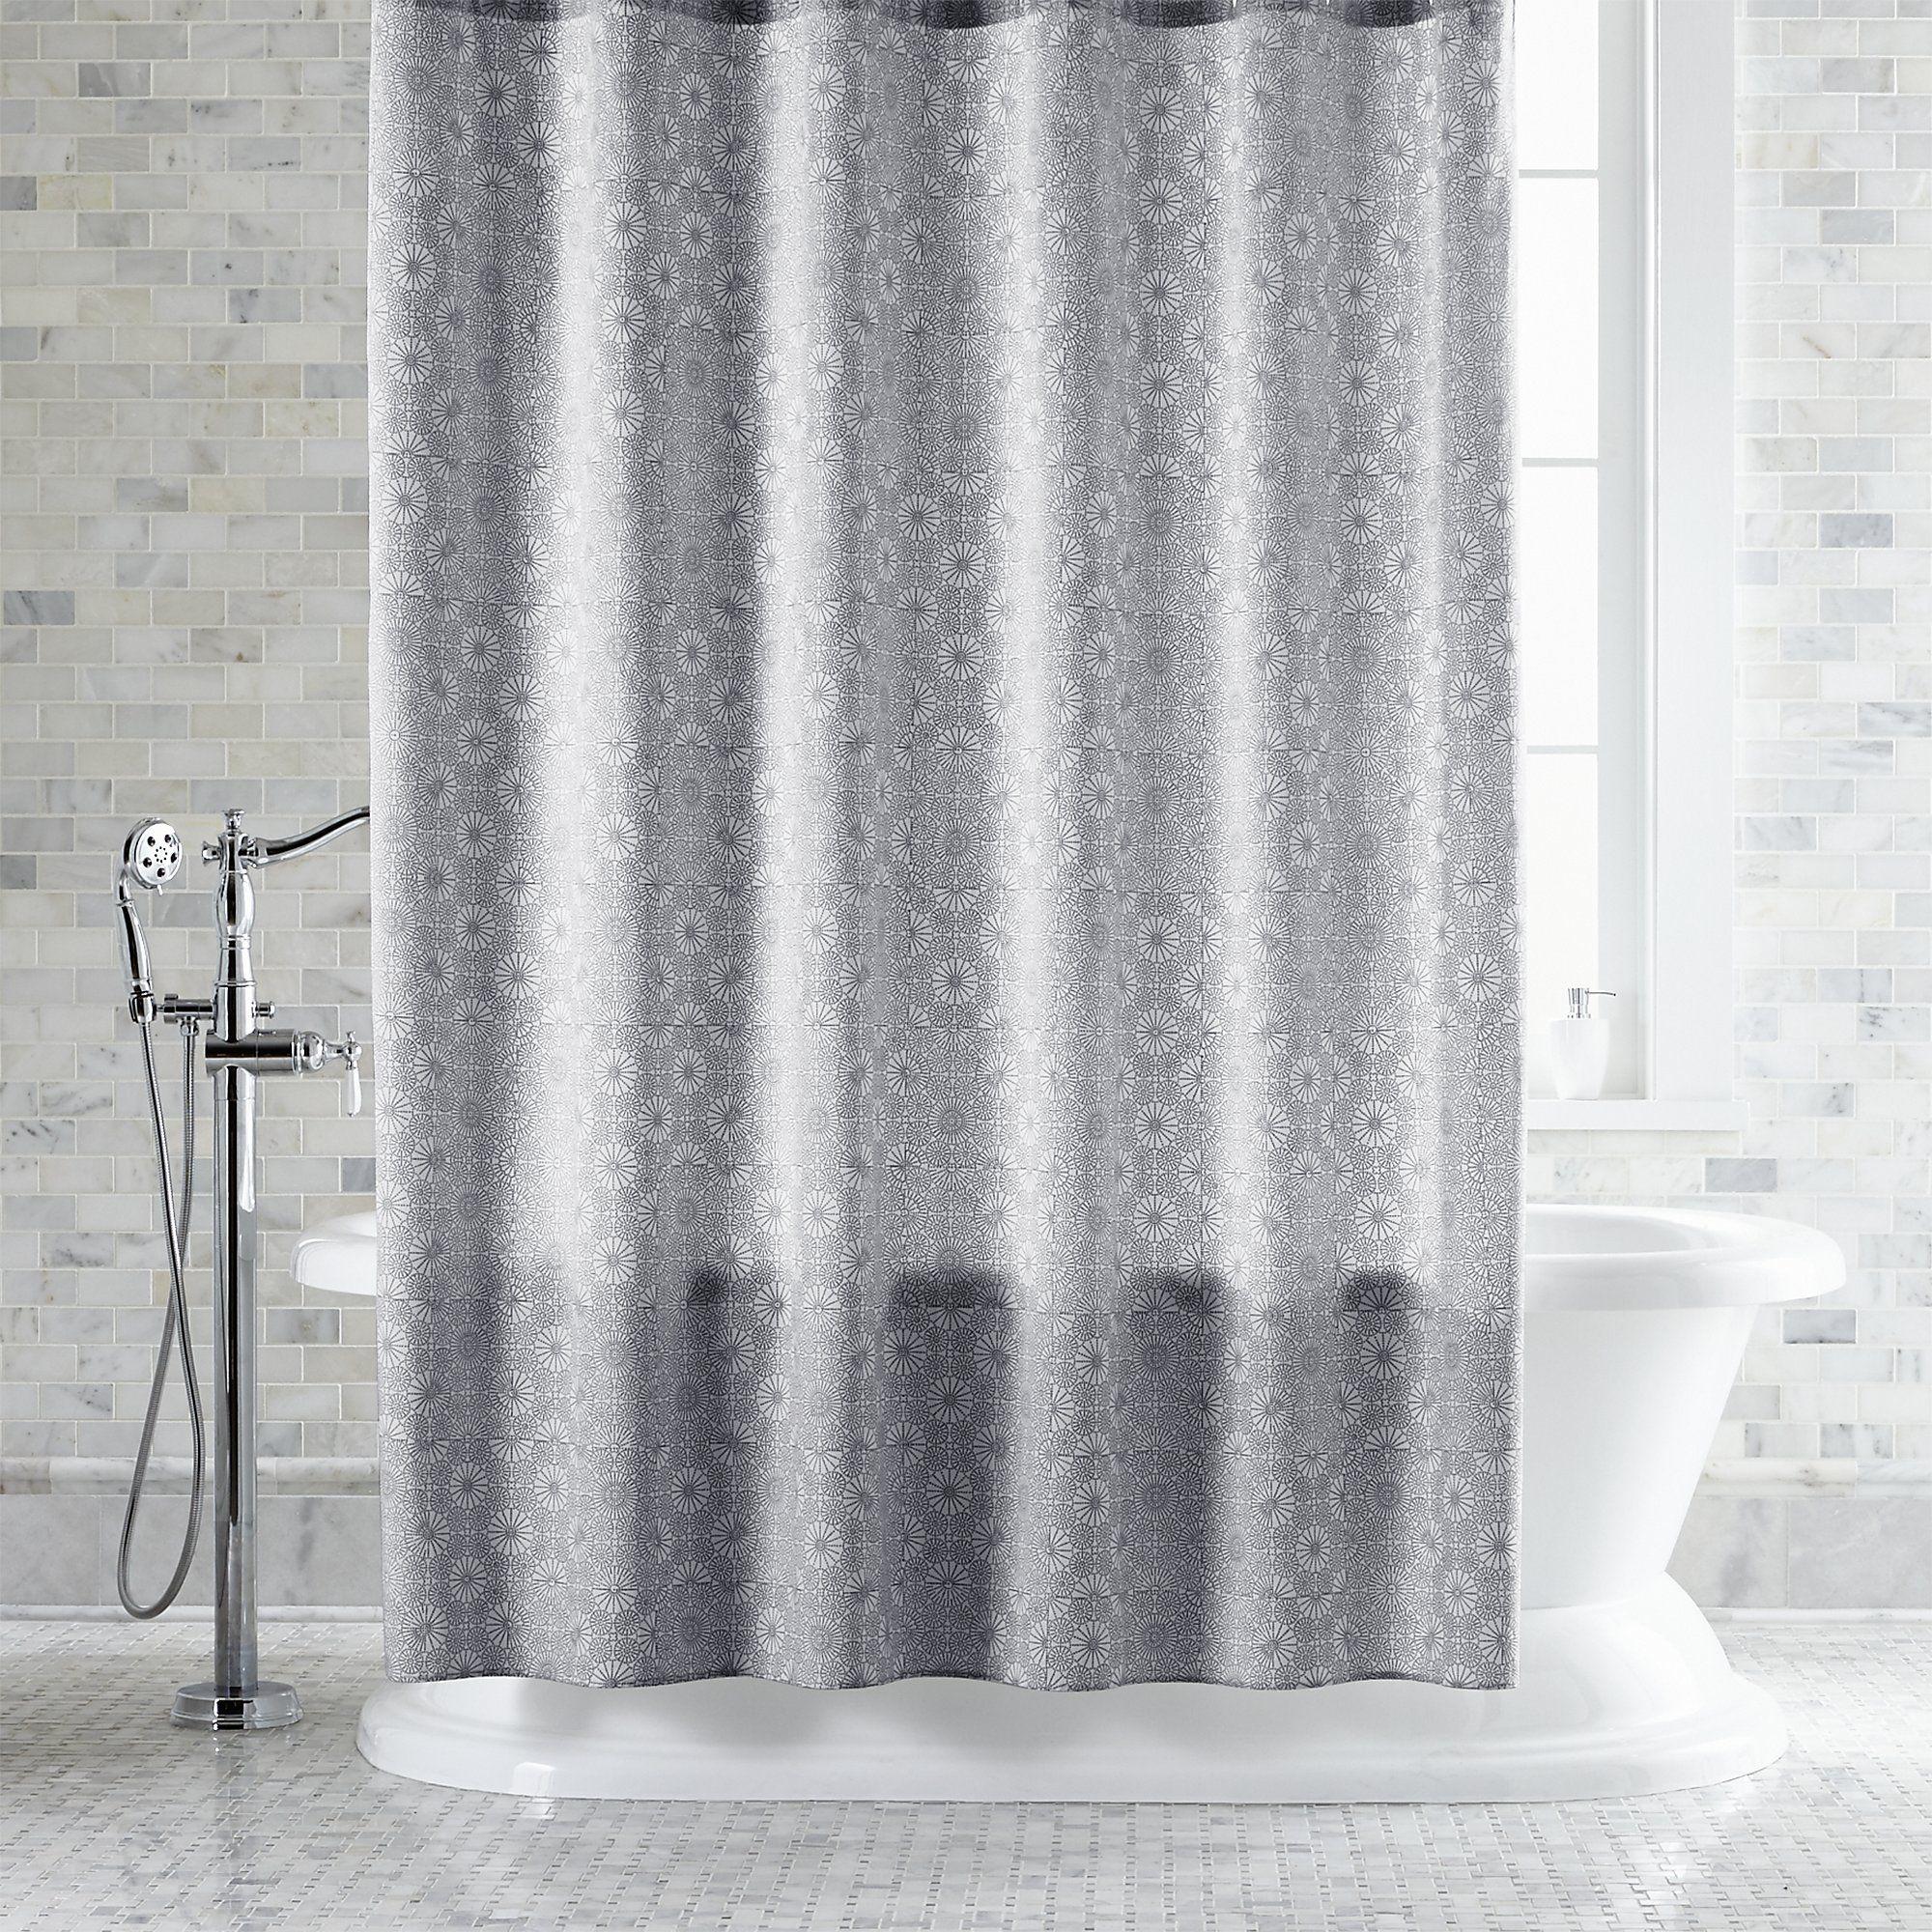 Marimekko Kioto Light Grey Shower Curtain Crate And Barrel Blue Shower Curtains Gray Shower Curtains Shower Curtain